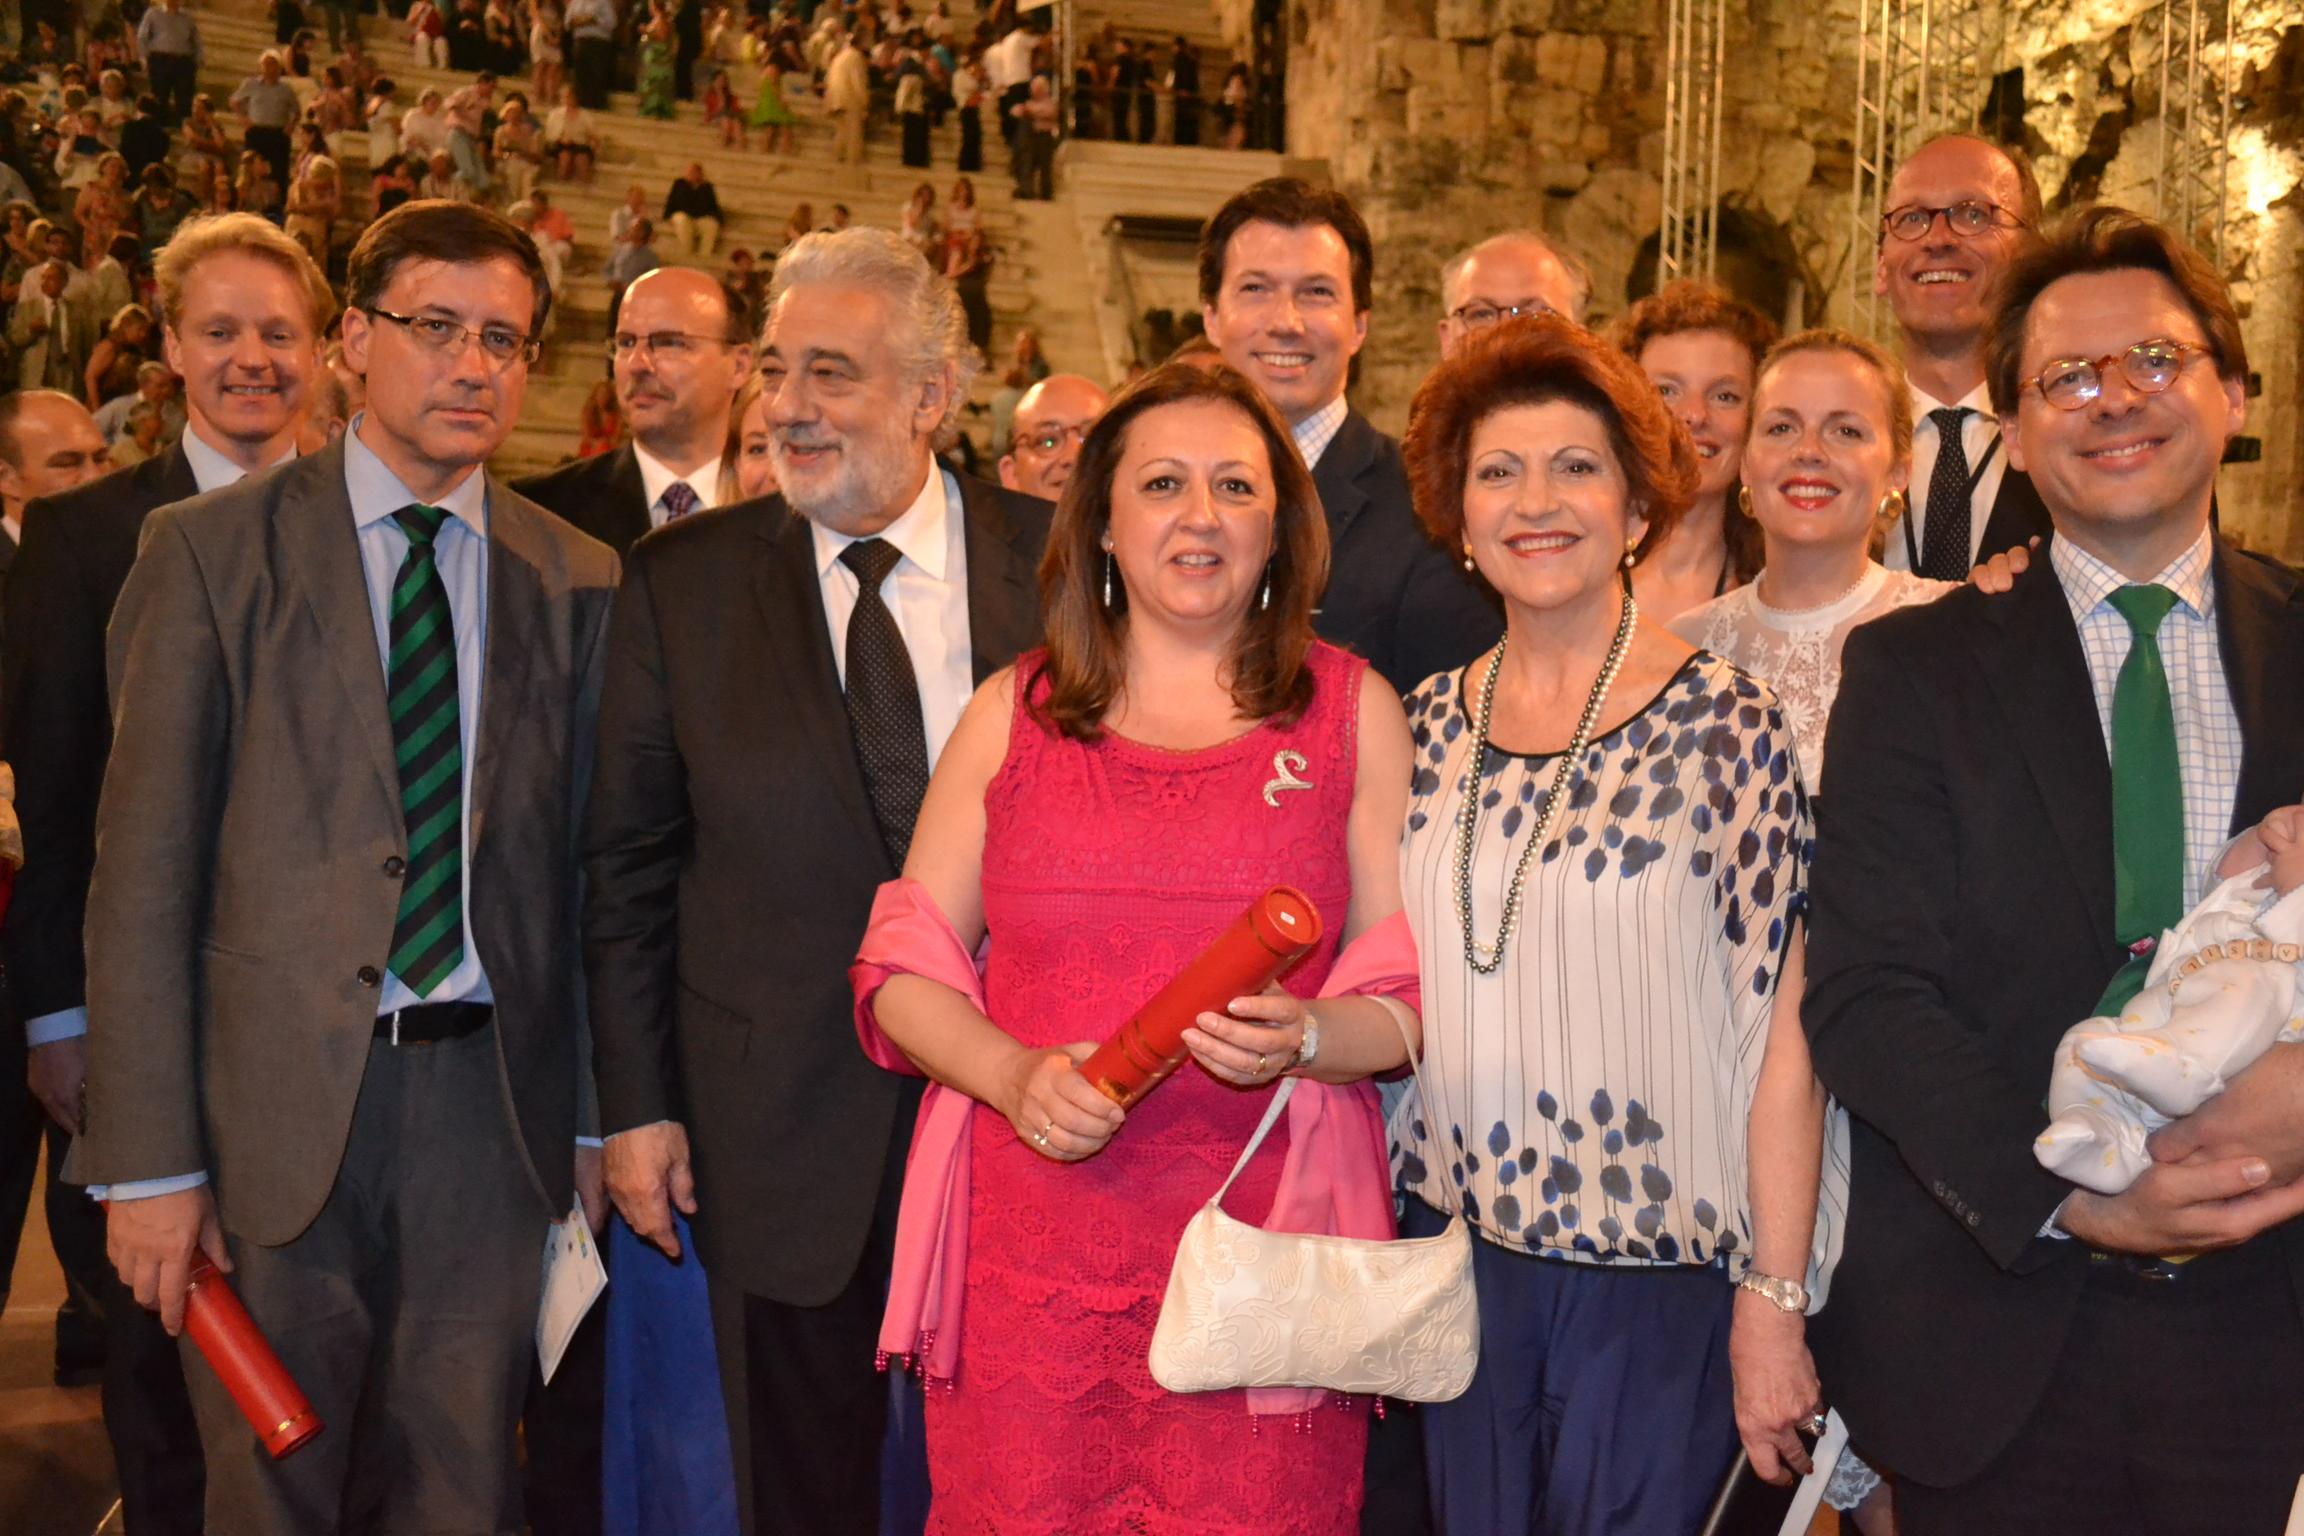 La Alhambra, protagonista de la entrega de los Premios Europa Nostra en Atenas por la restauración del Patio de los Leones